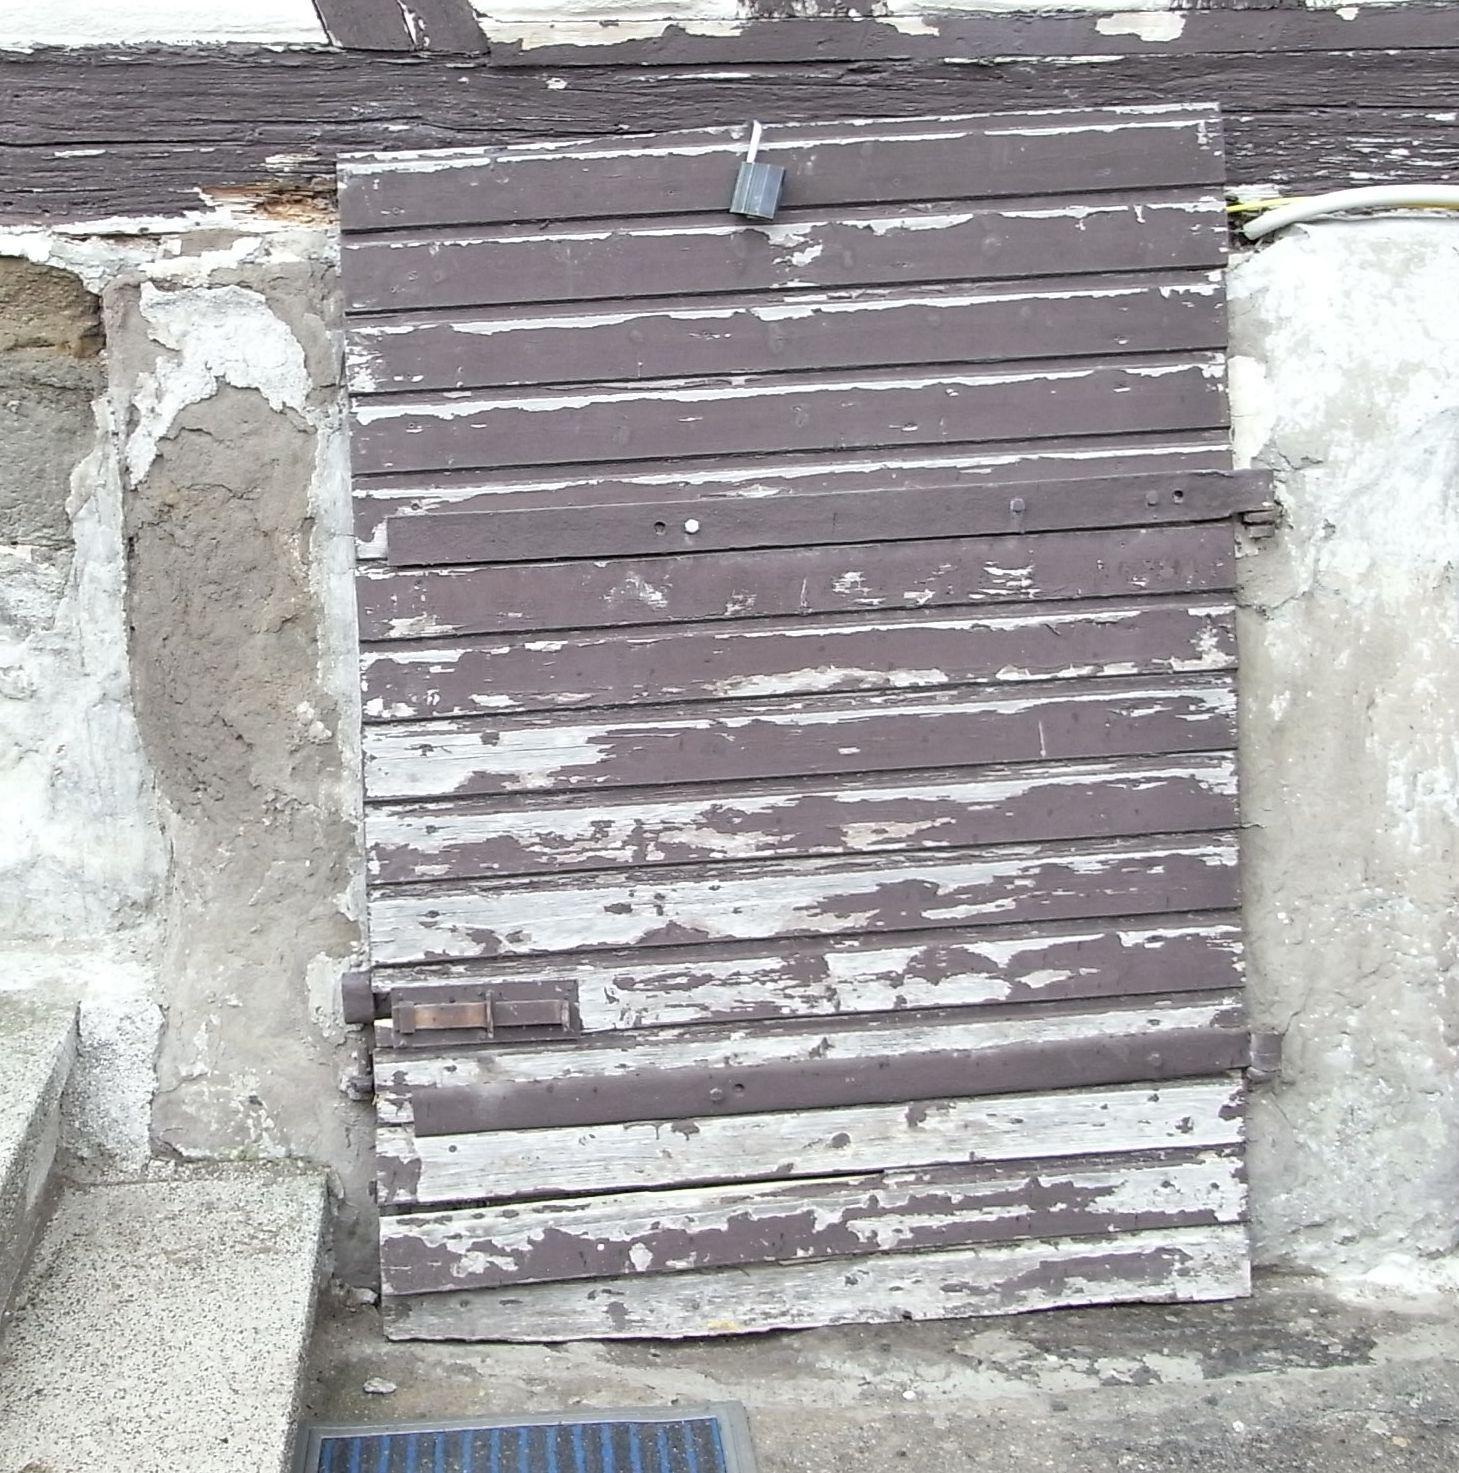 Treppengeländer Holz Restaurieren ~ Kellertür neu gebautDie Tür vom alten Gewölbekeller war schon etwas